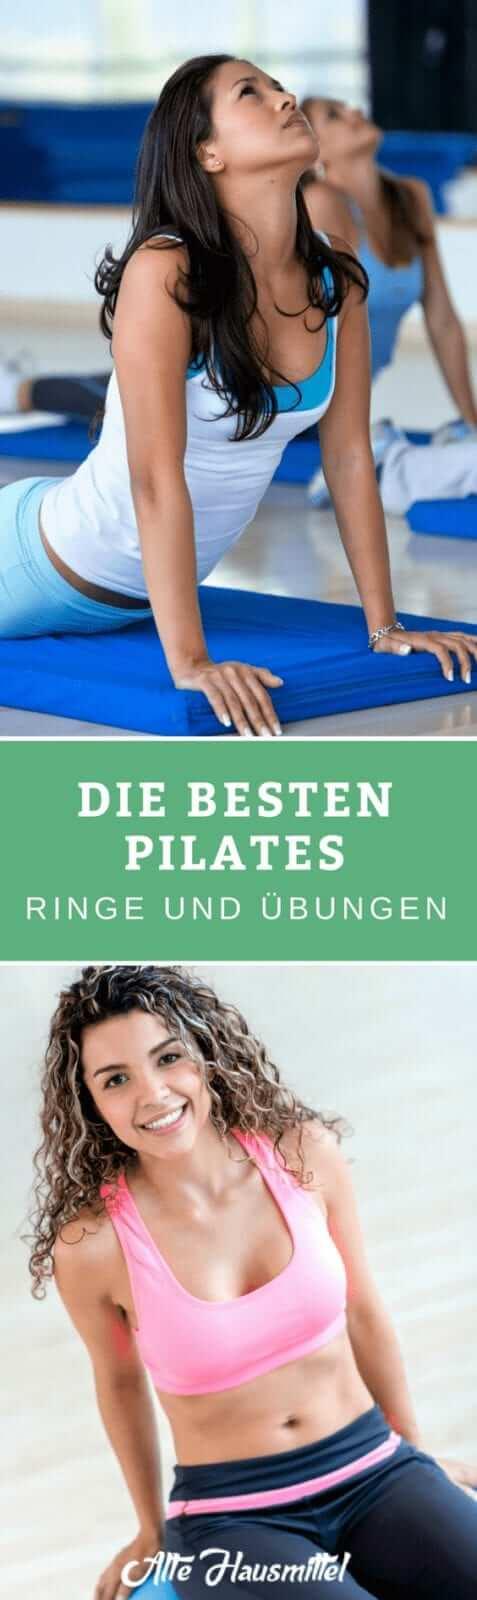 Die besten Pilates Ringe und Übungen im Test & Vergleich